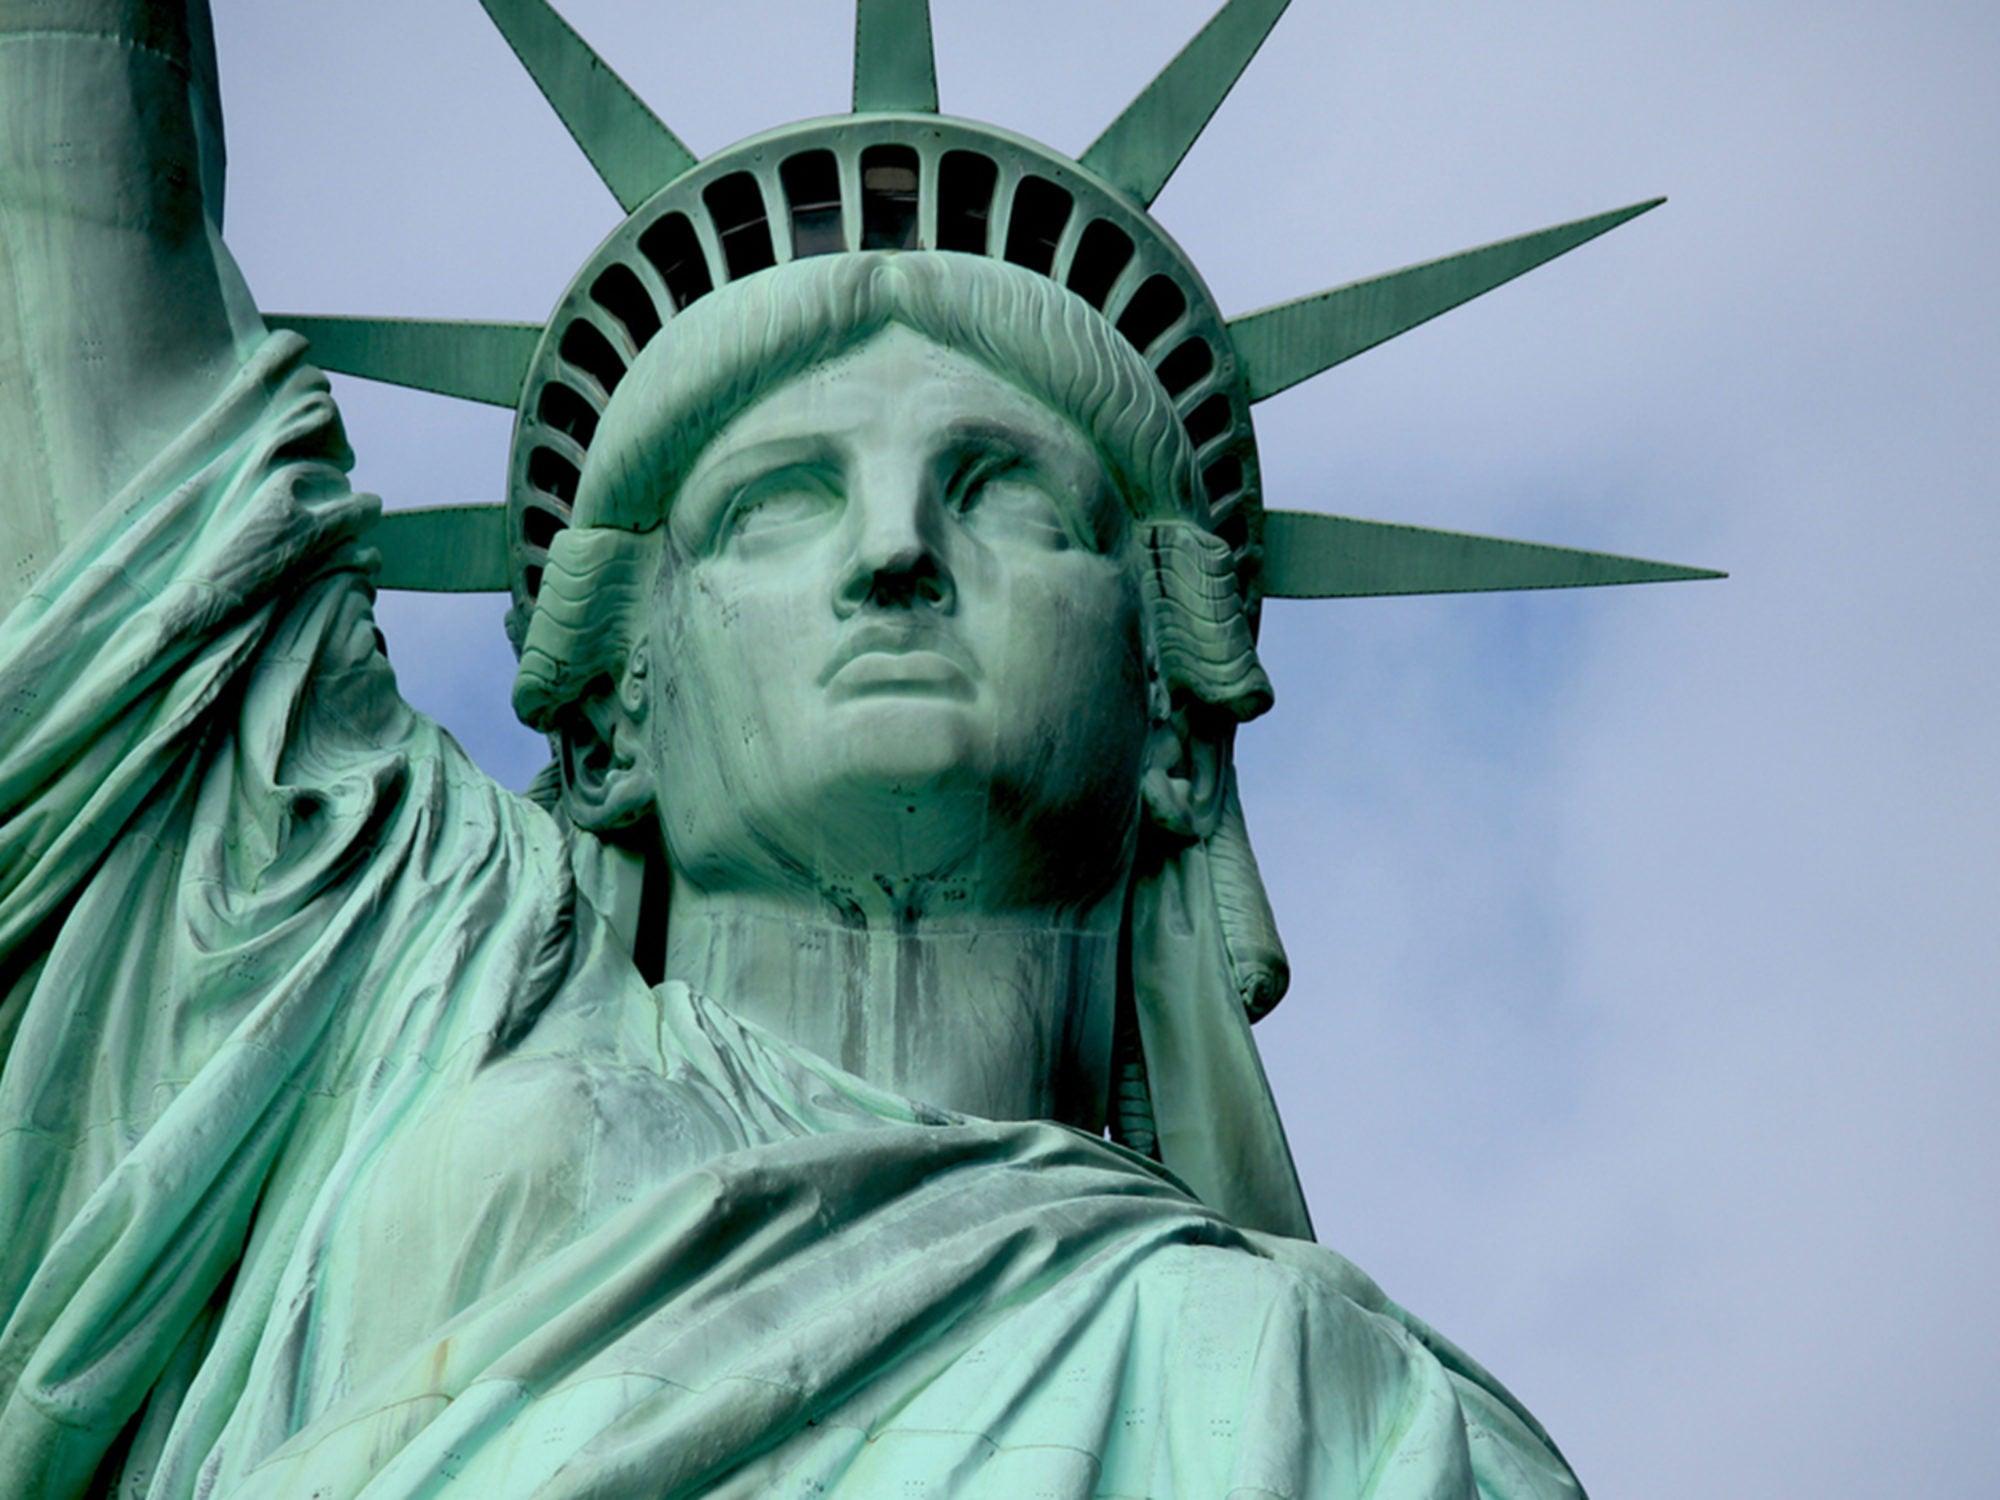 Closeup of top half of Statute of Liberty